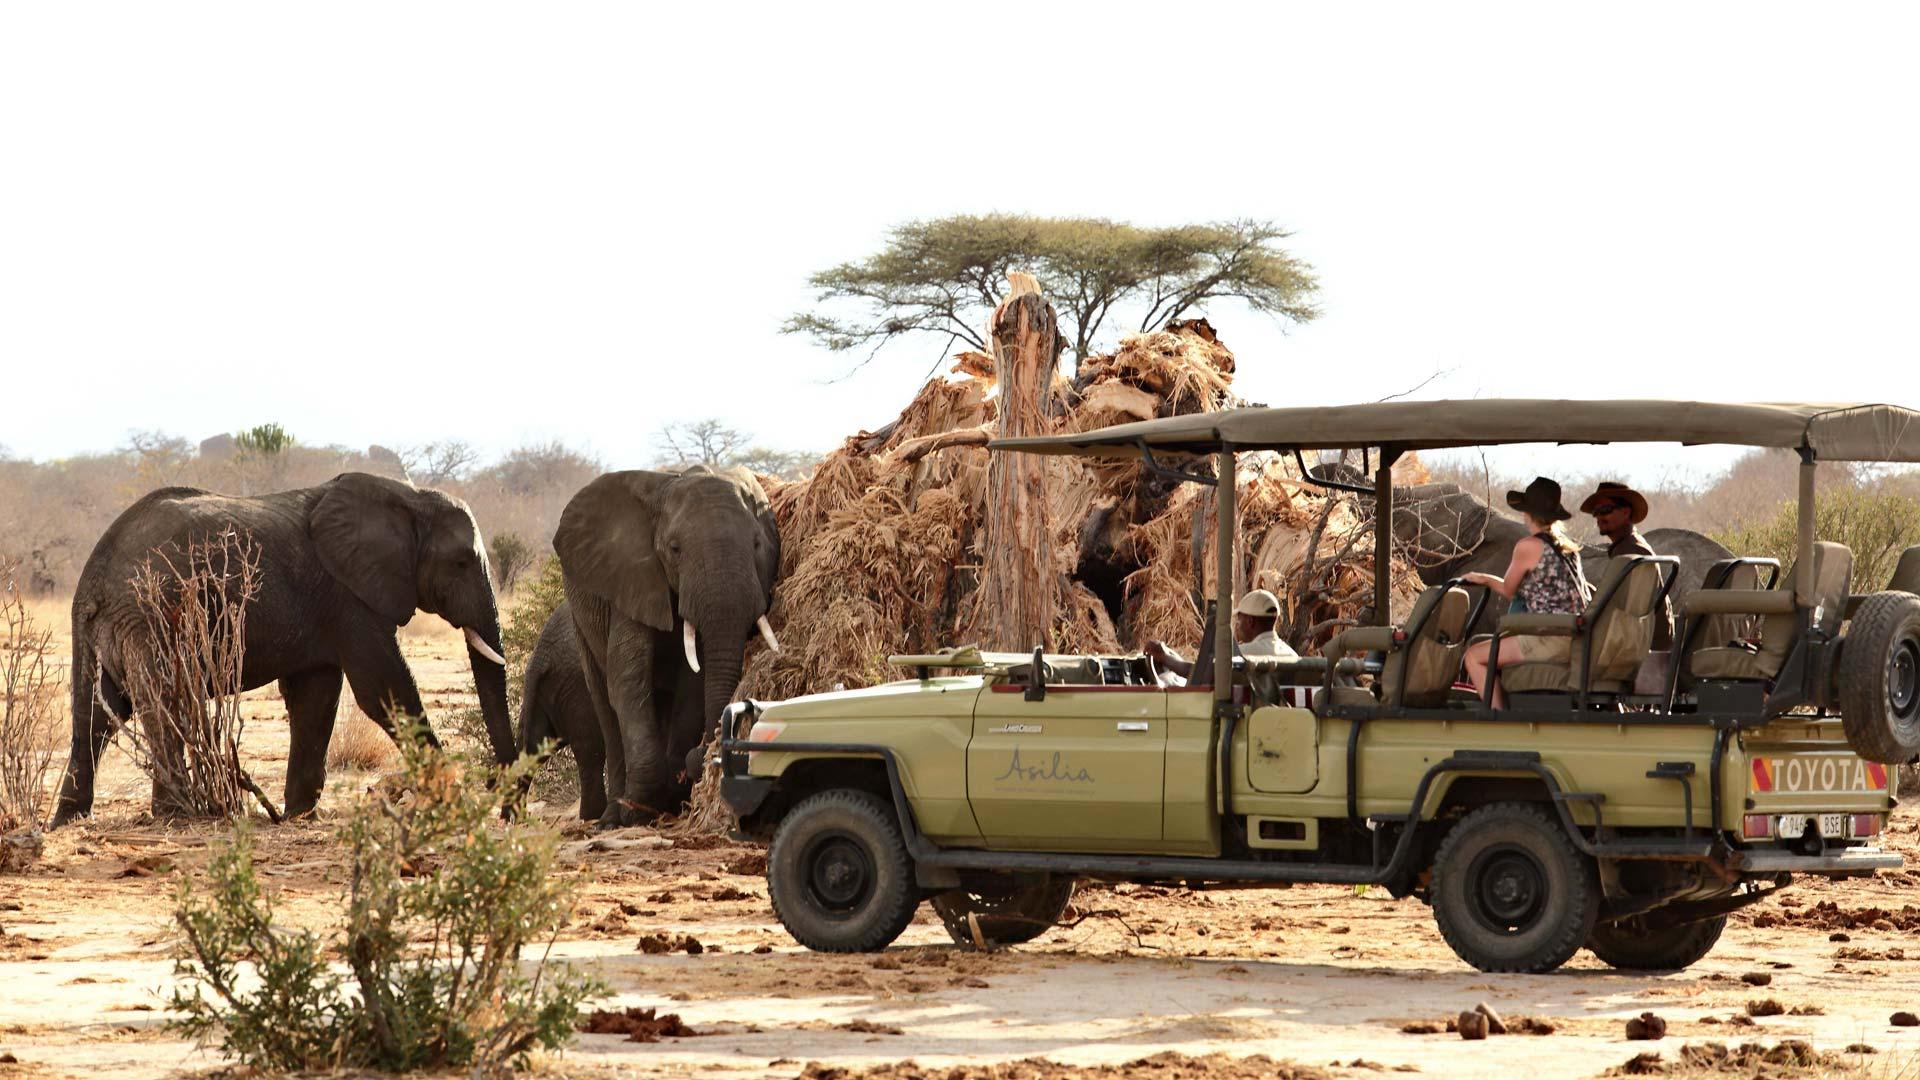 Elephant eating Baobab